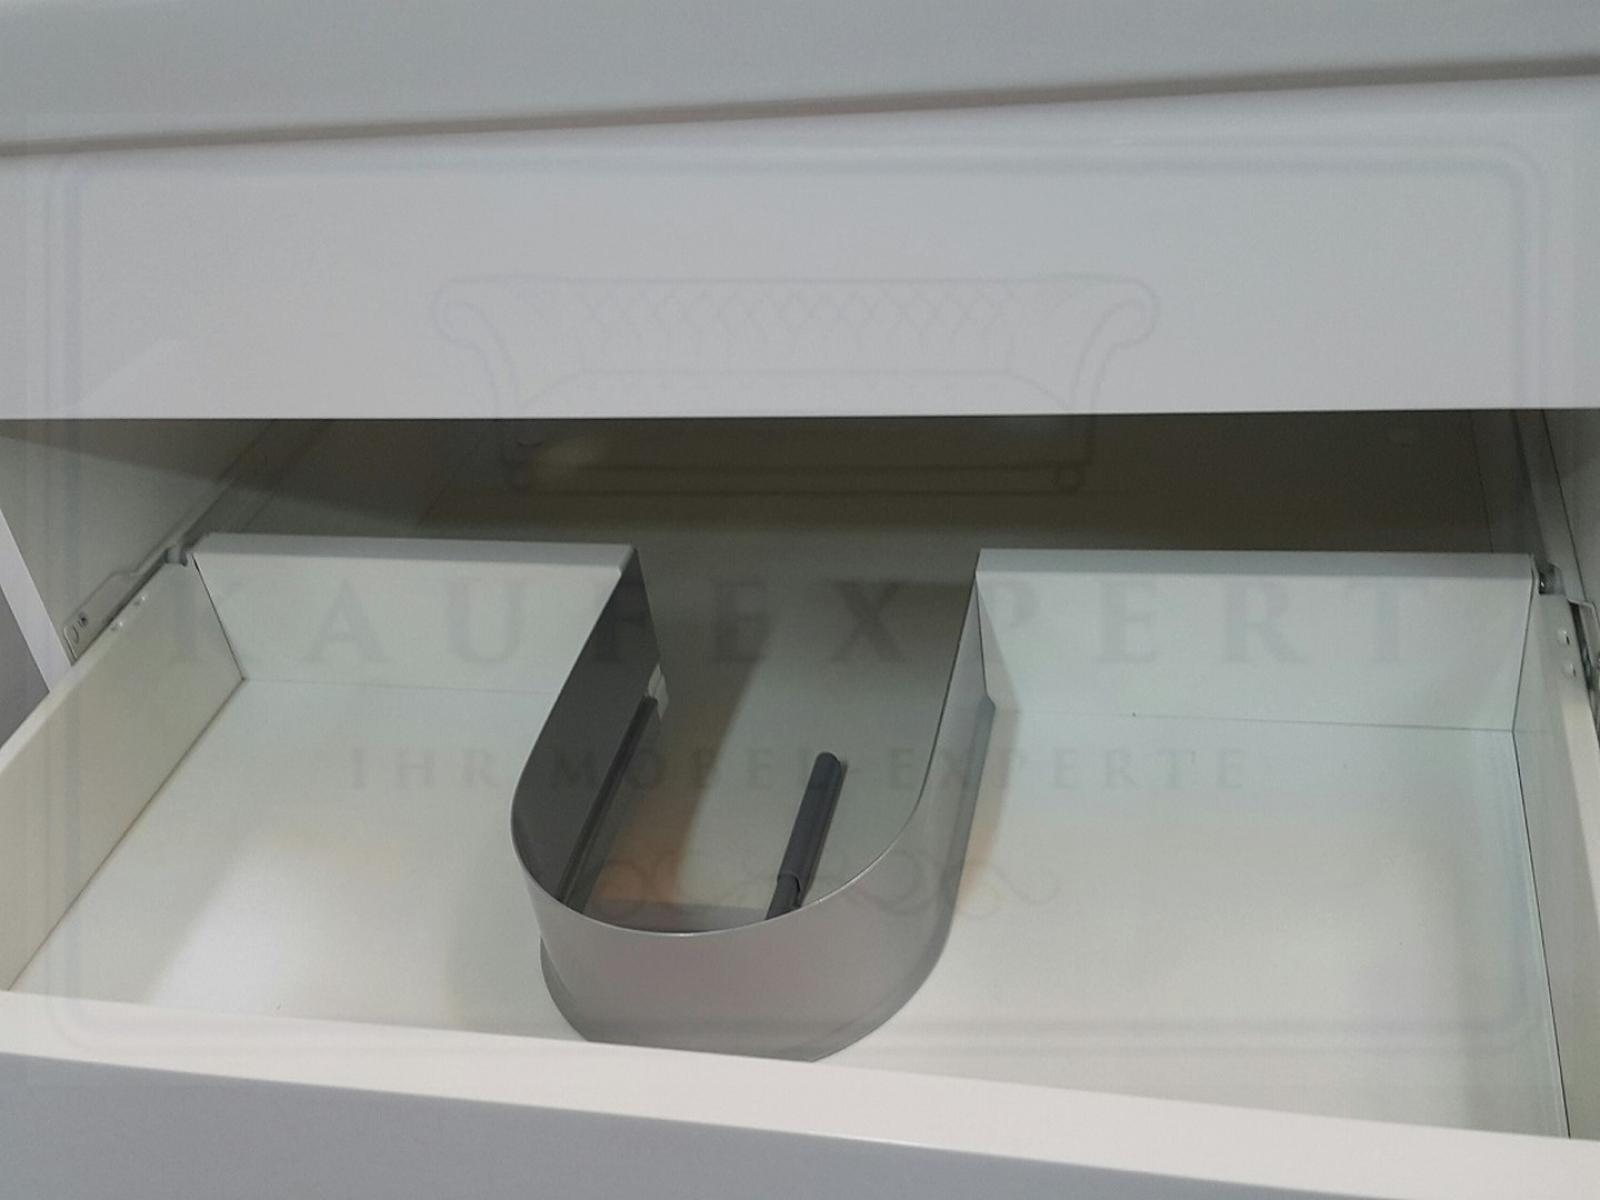 Badmöbel Set Prestige 1 Rot Hochglanz Lackiert KERAMIK Waschbecken  Badezimmer Led Beleuchtung Badezimmermöbel Lack Spiegelschrank